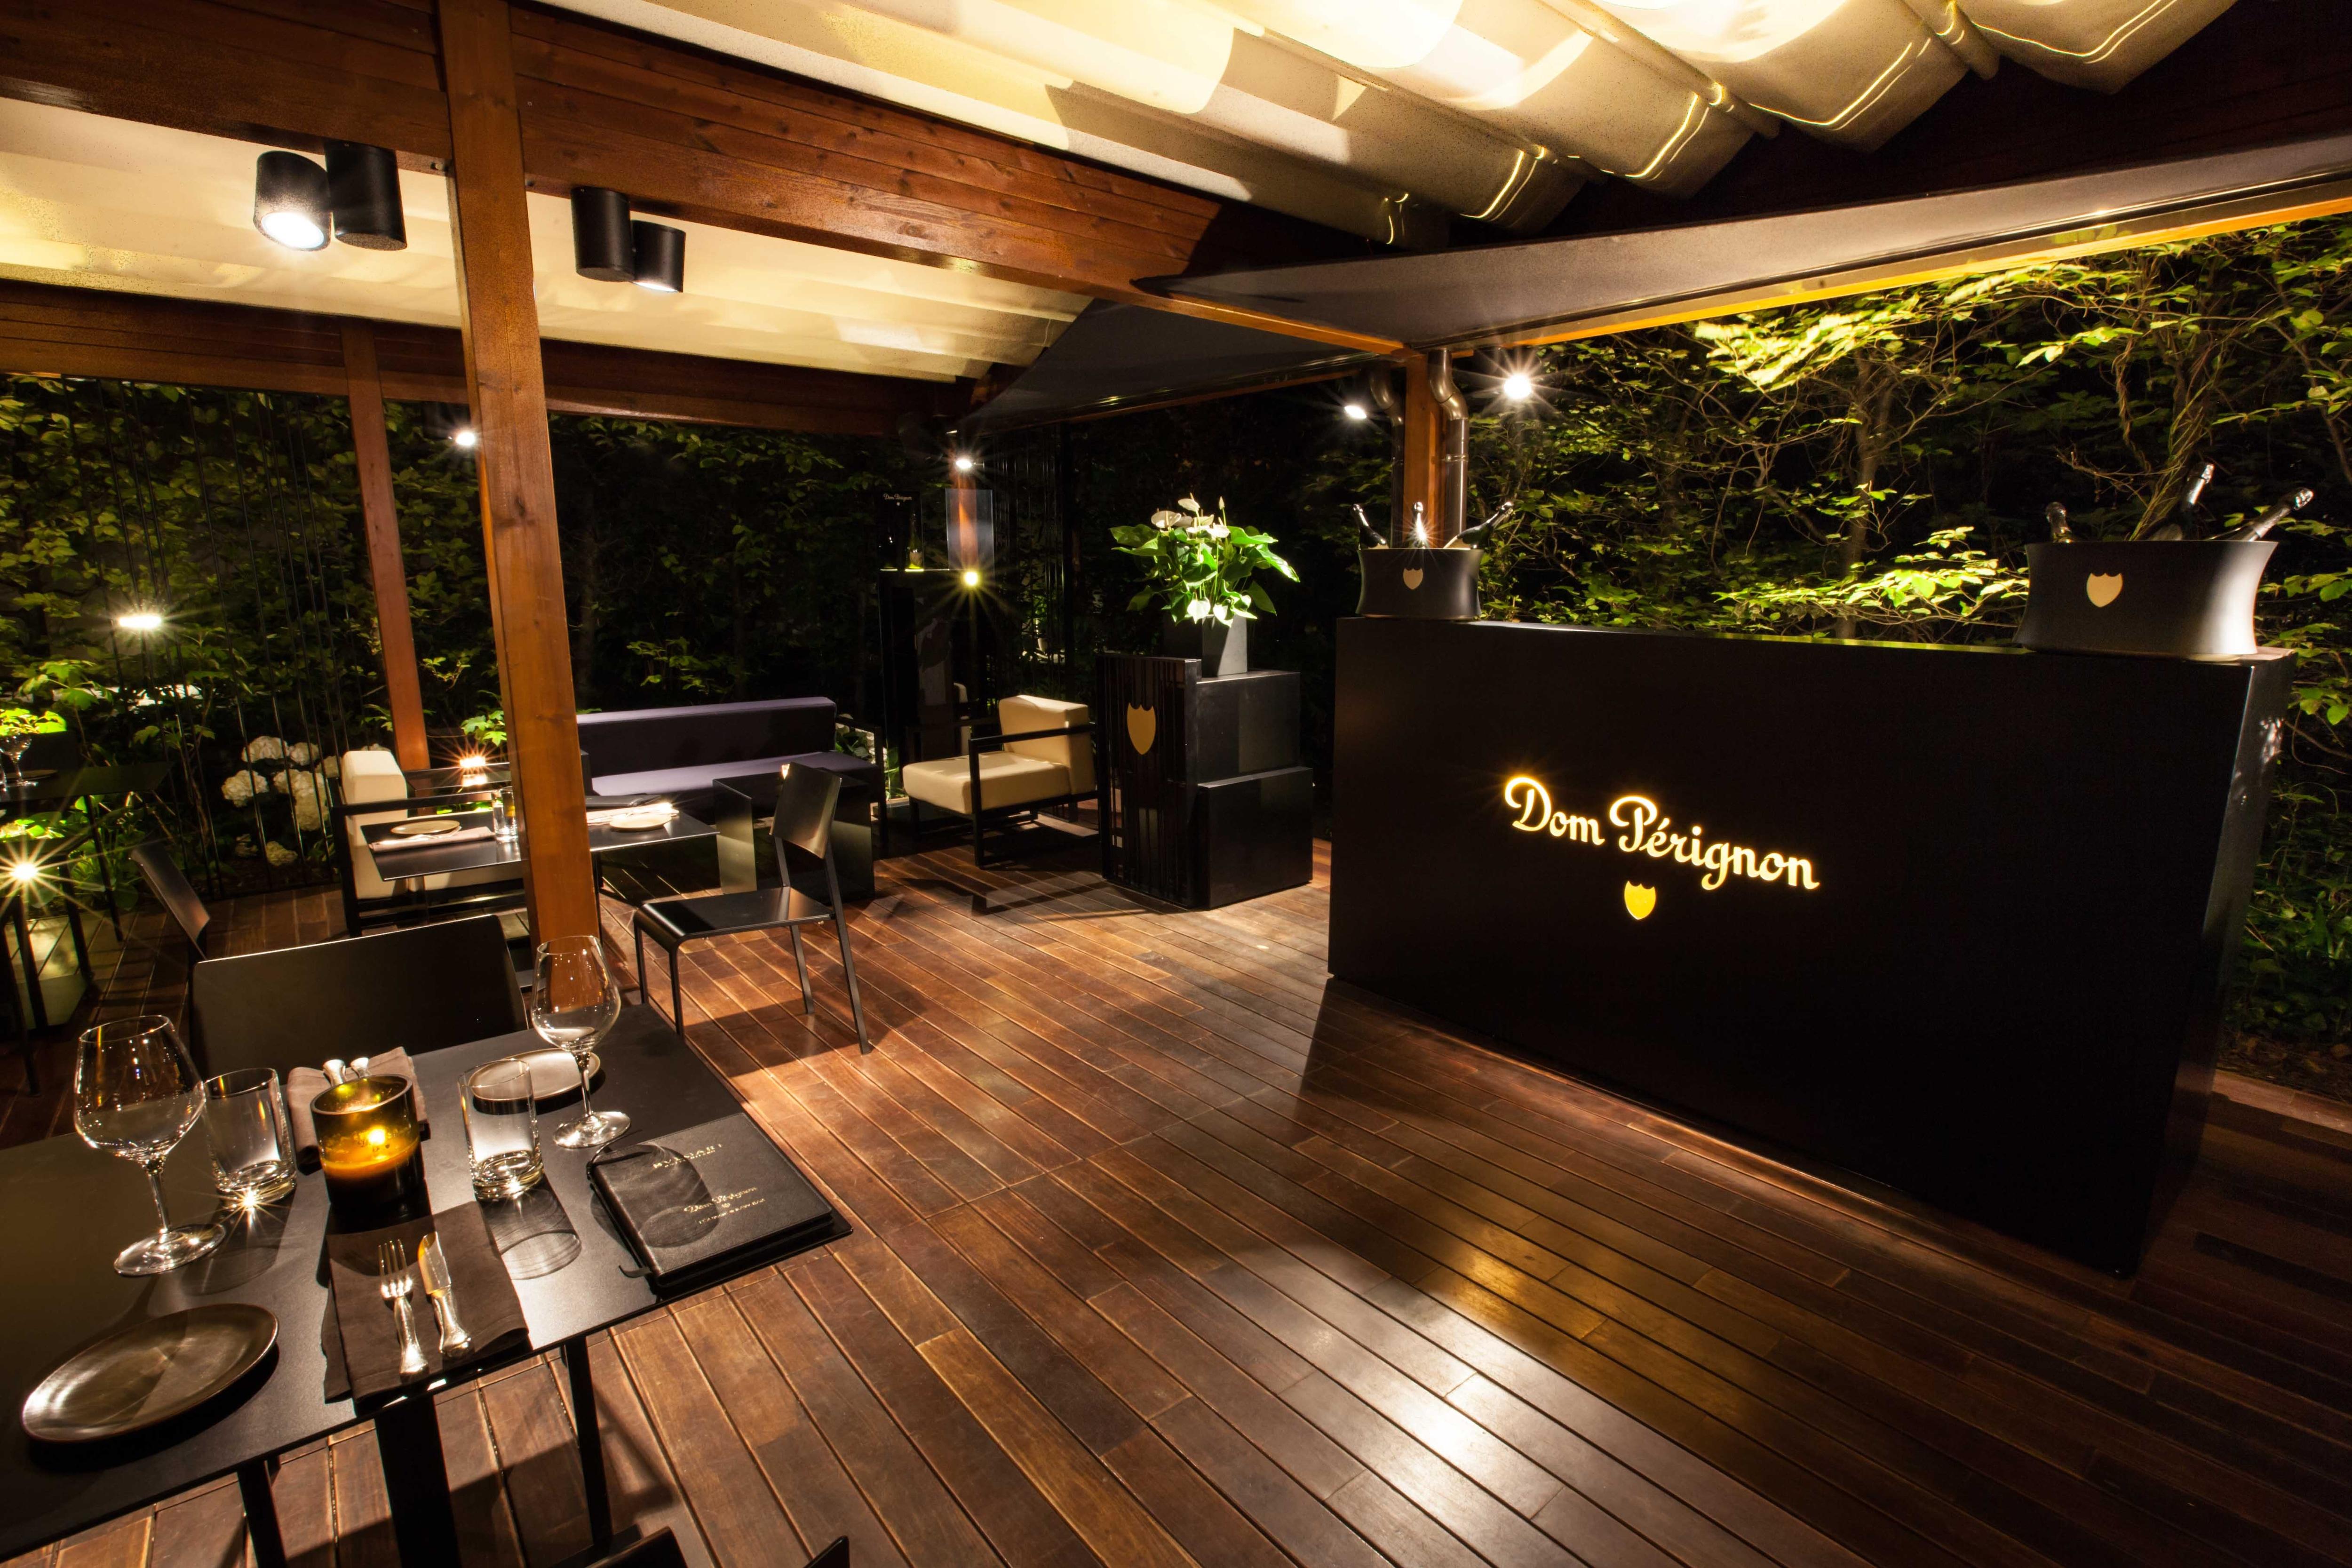 Dom Pérignon Lounge & Raw Bar nel giardino dell'Hotel Bulgari